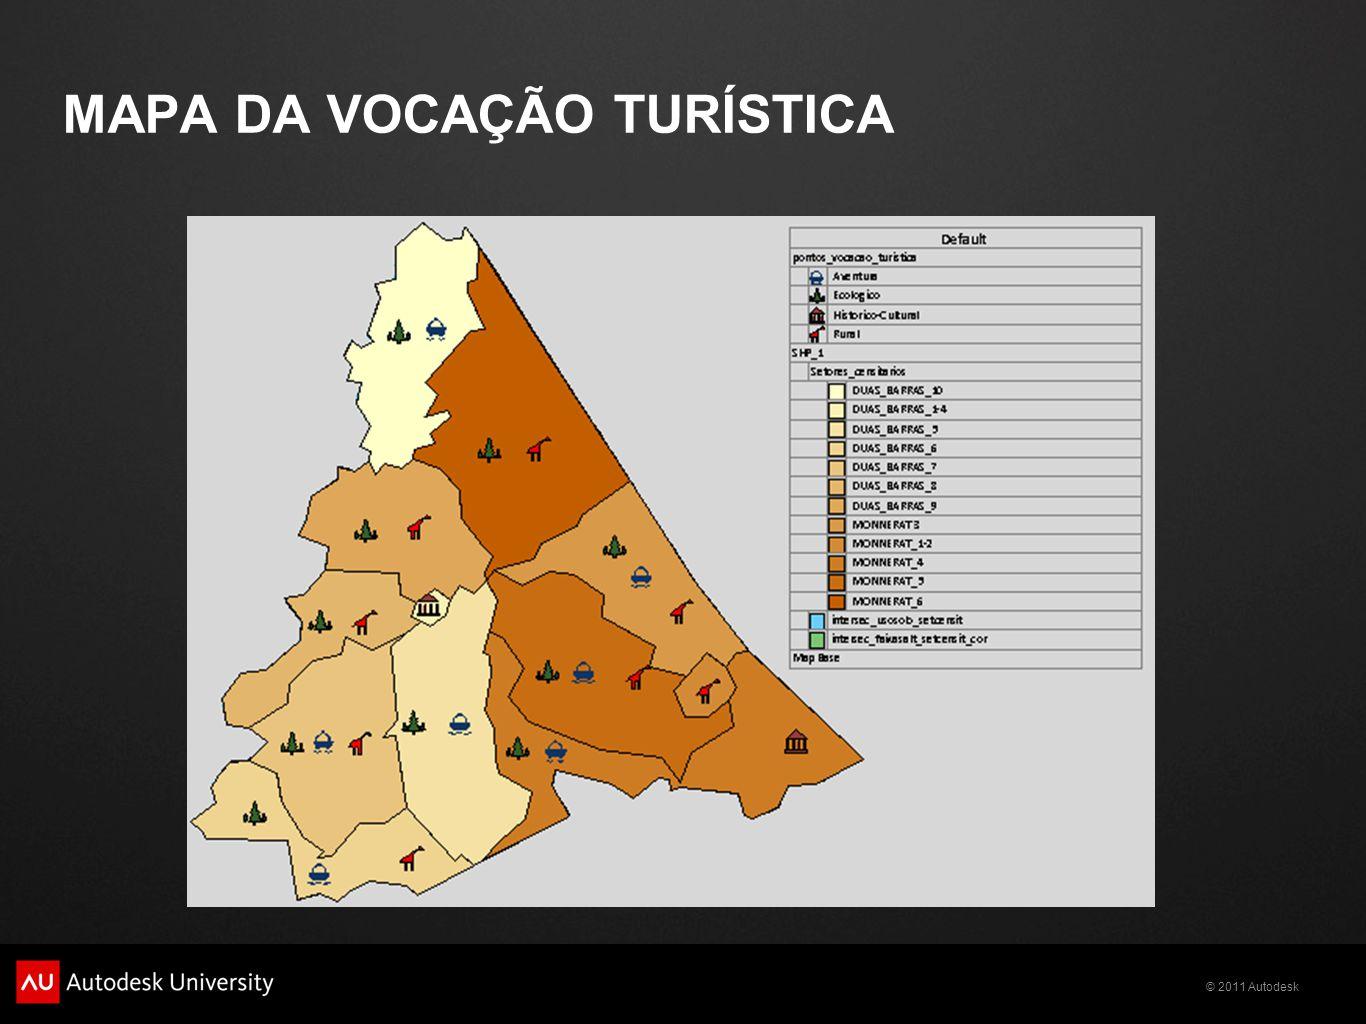 MAPA DA VOCAÇÃO TURÍSTICA